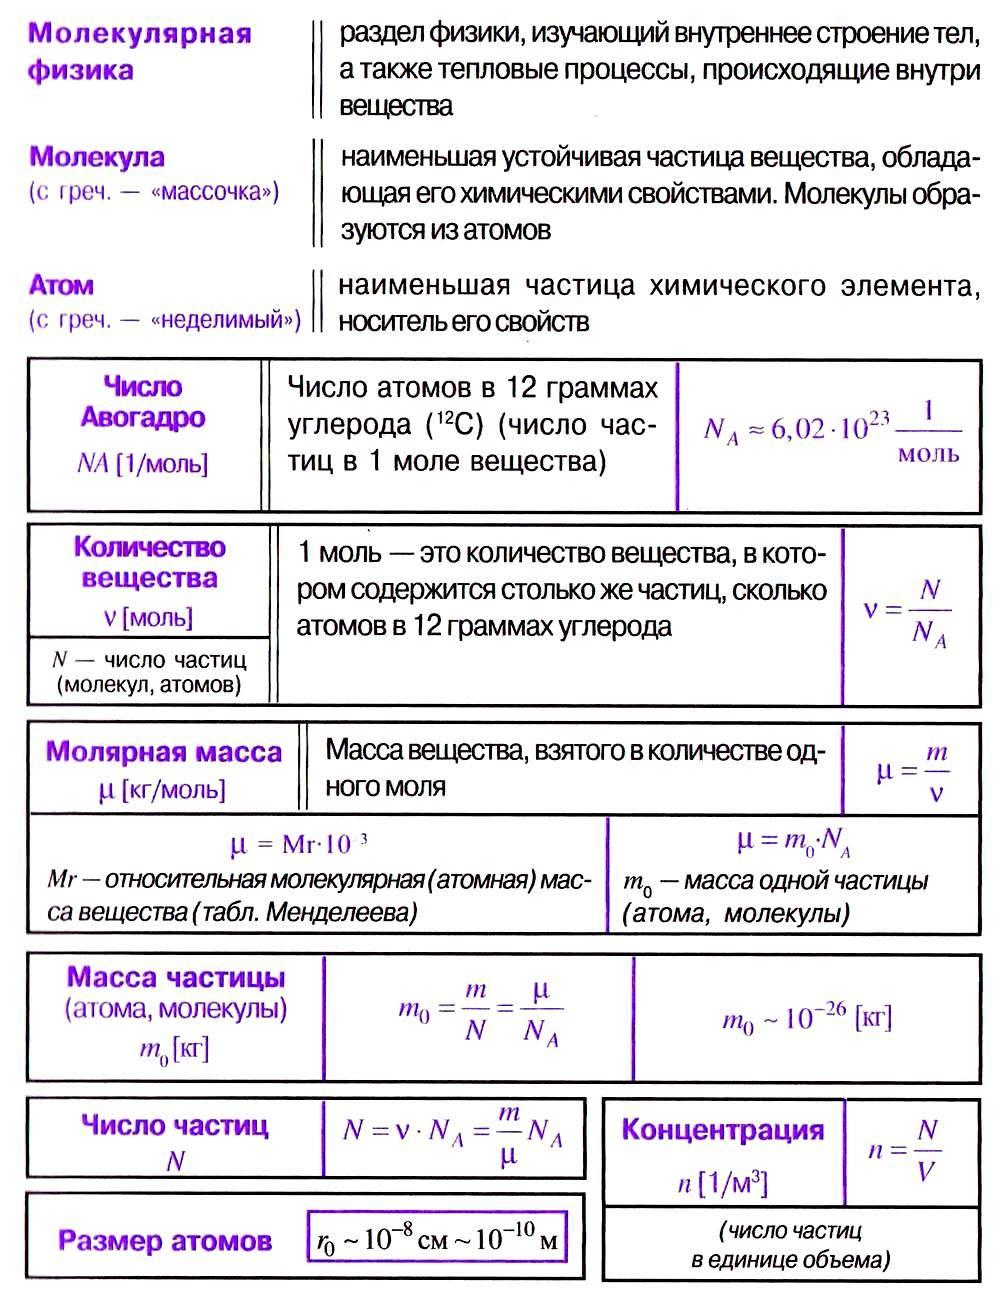 Физика решение задач на тему молекулярная физика физика генденштейн 8 класс решение задач